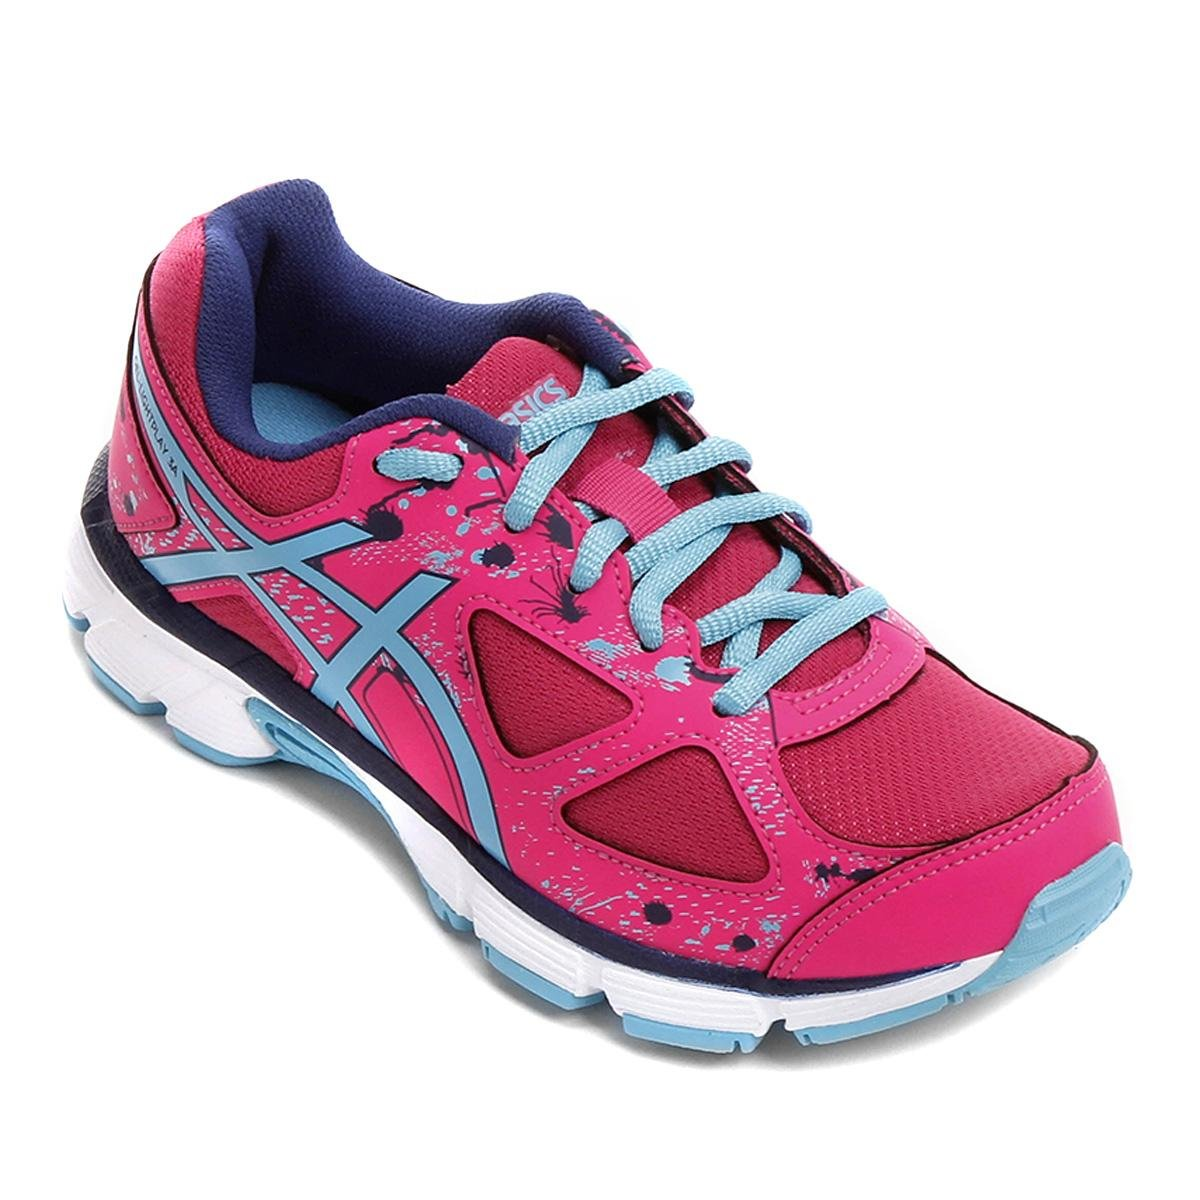 de9e29da8e4 Tênis Infantil Asics Gel-Light Play 3 A Gs Masculino - Pink e Azul - Compre  Agora